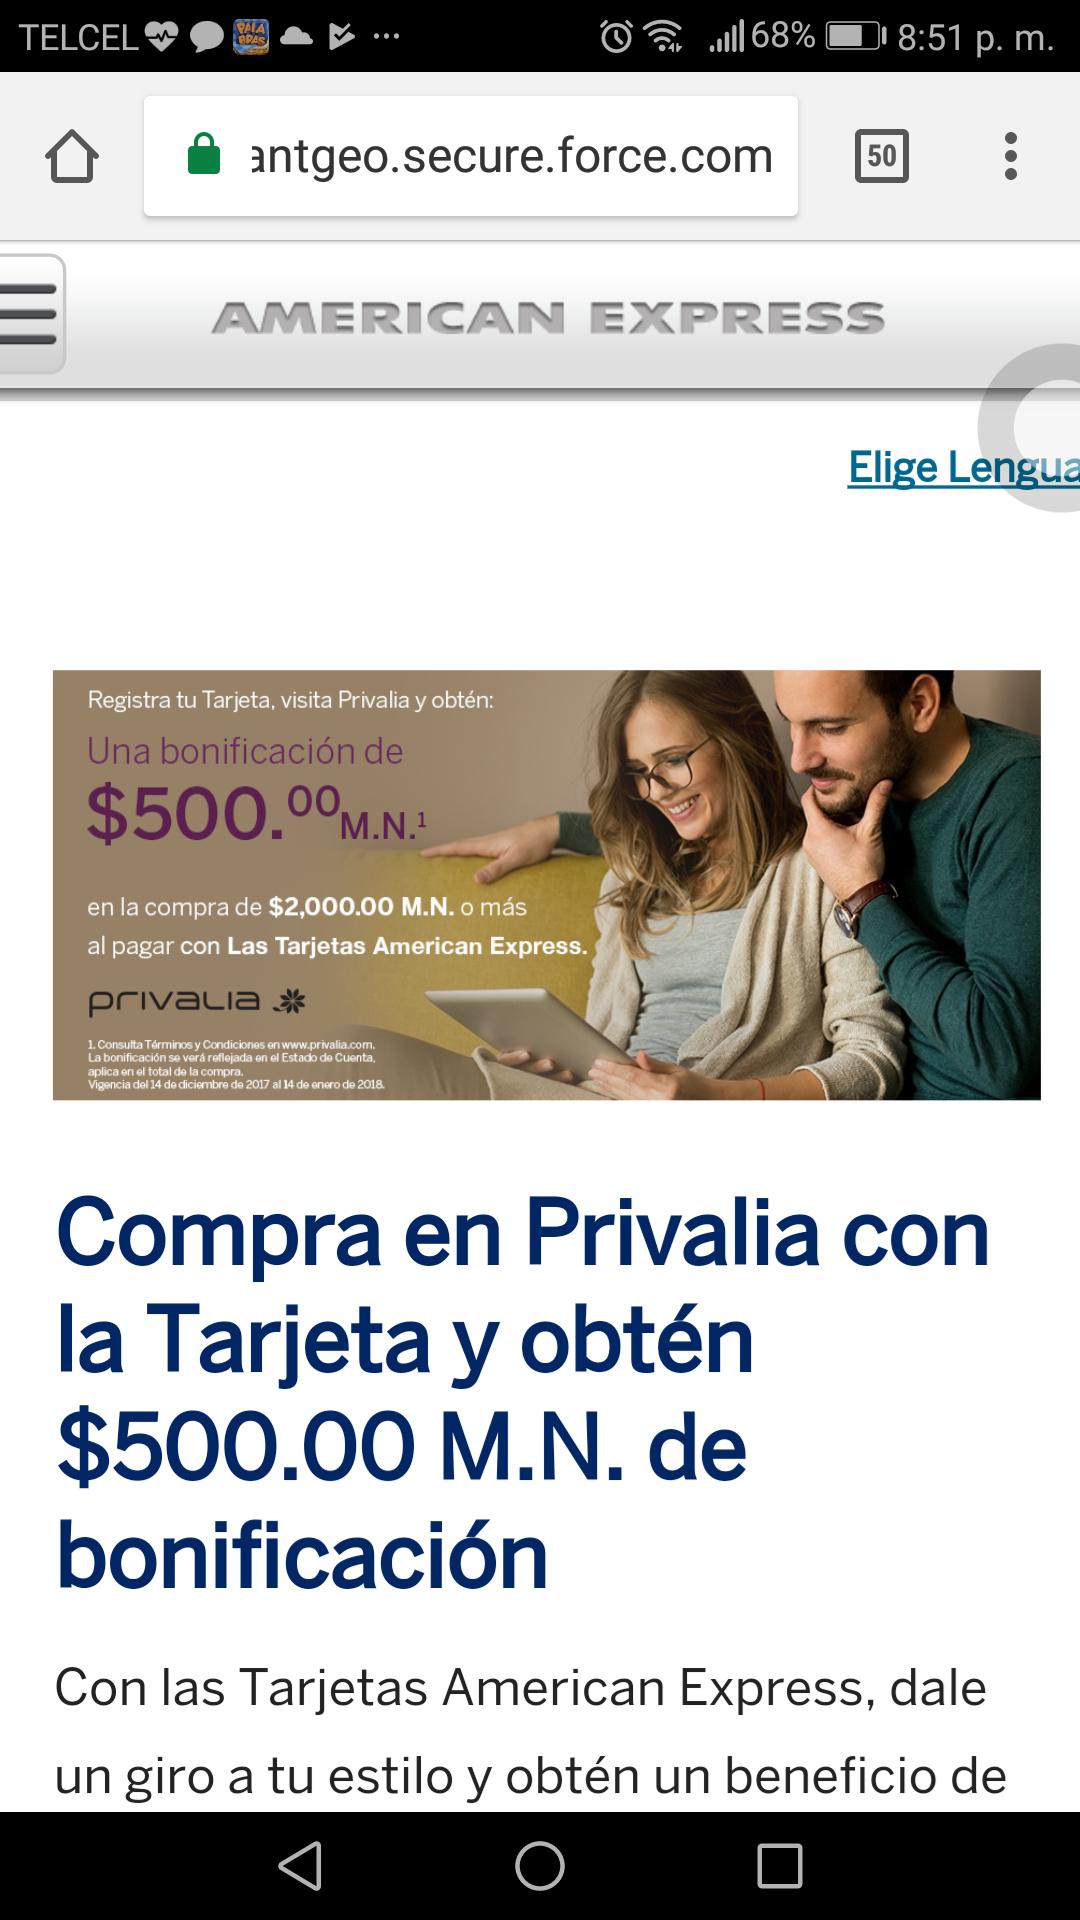 Privalia: Bonificación de $500 con tarjetas American Express